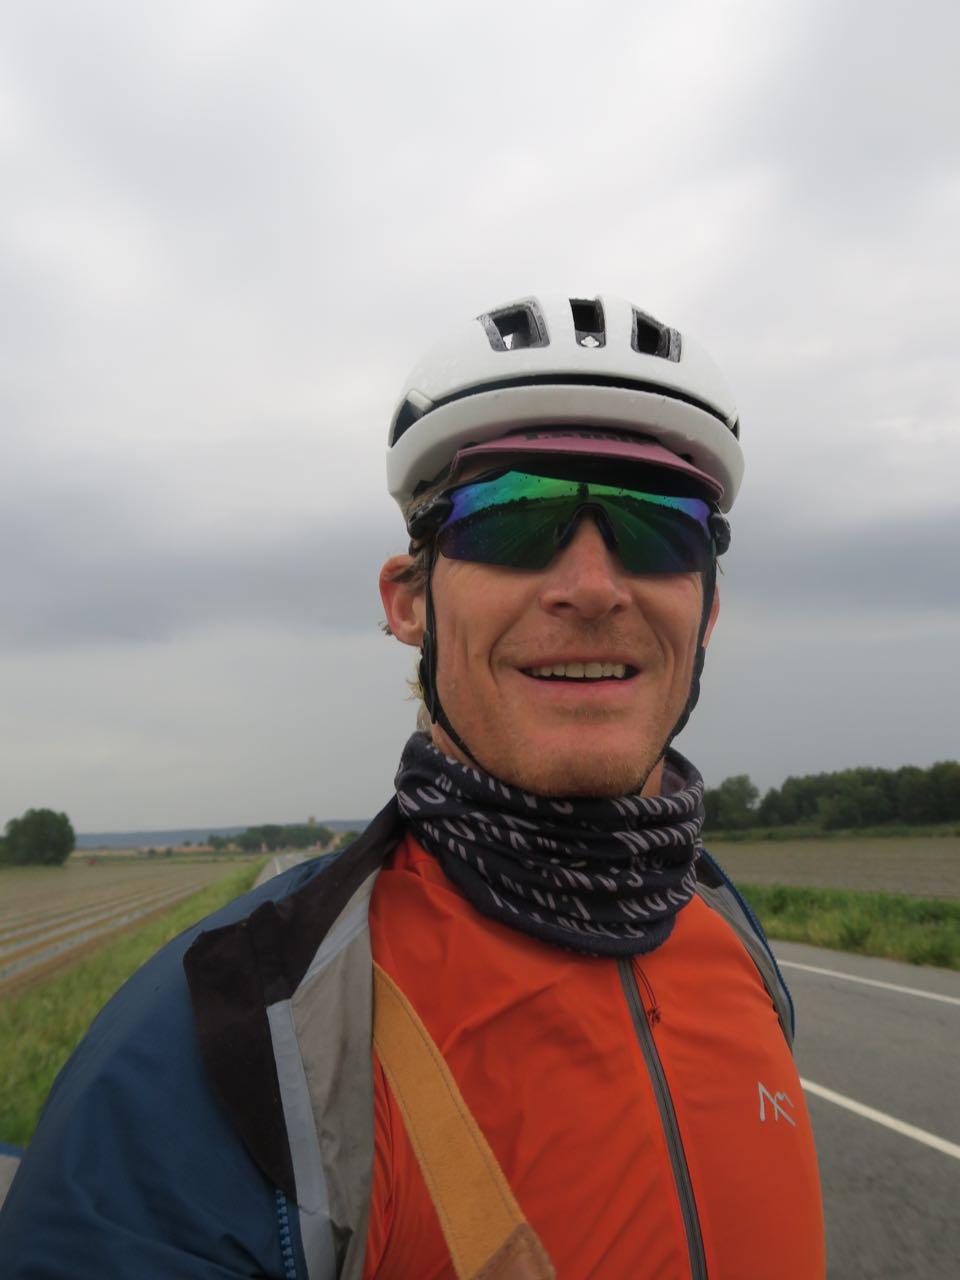 PÅKLEDD: Med regnjakke utenpå sykkeltrøya og kameraet holdt jeg varmen i regnet. Buff og hansker varmet også.